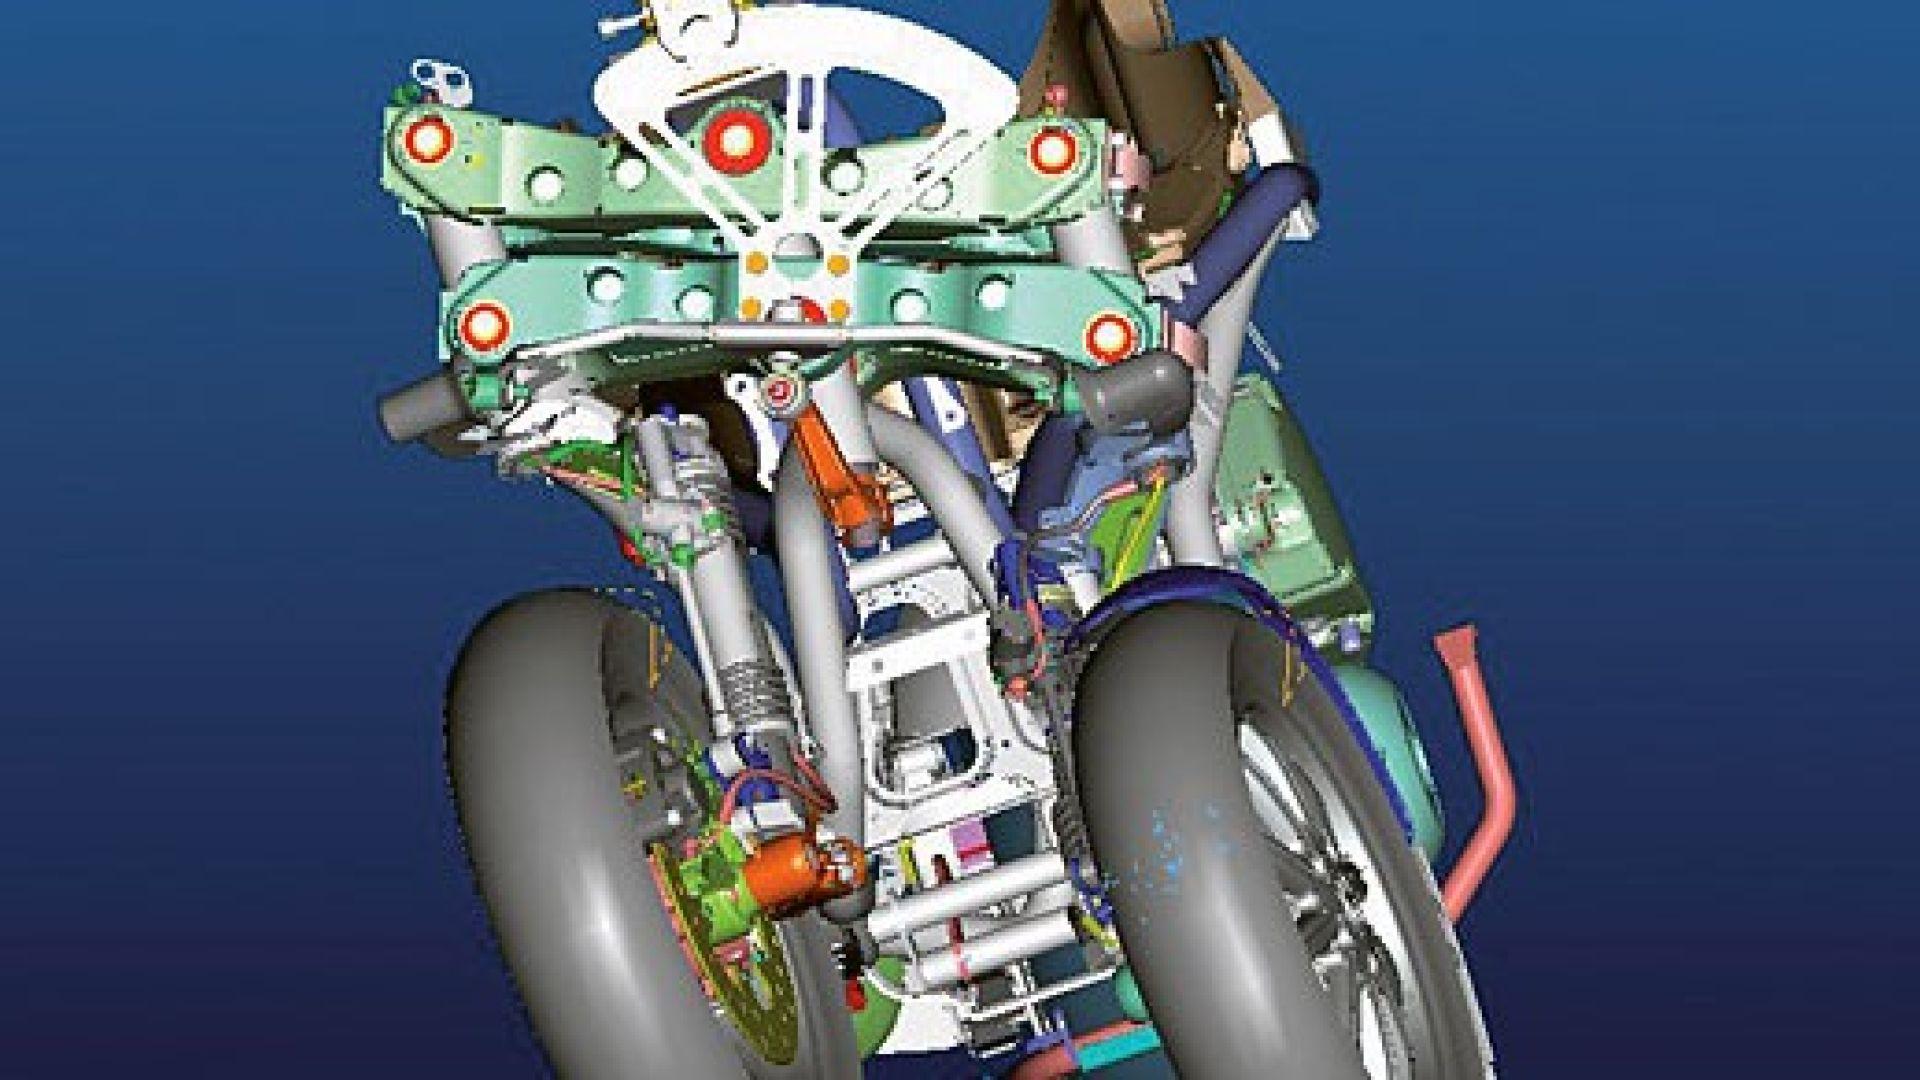 Immagine 24: Piaggio MP3, lo scooter con tre ruote